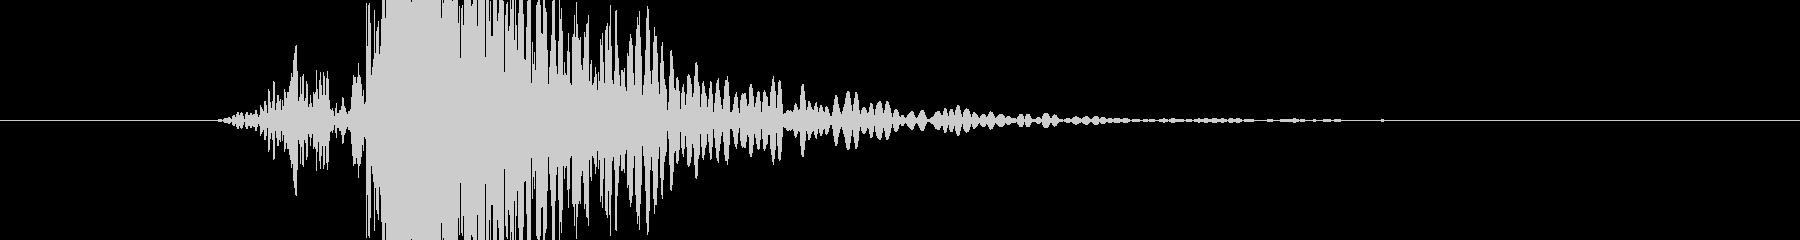 中世 ヒットシールドウッド04の未再生の波形